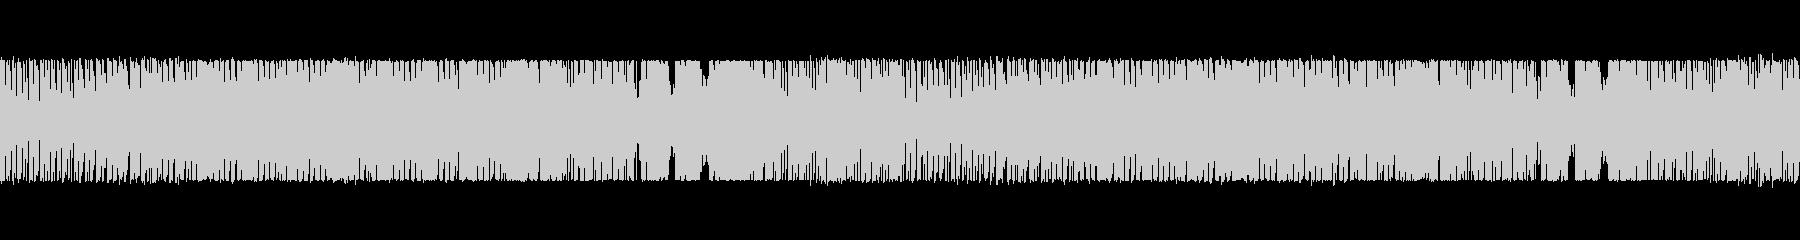 ゲーム用のBGMの未再生の波形